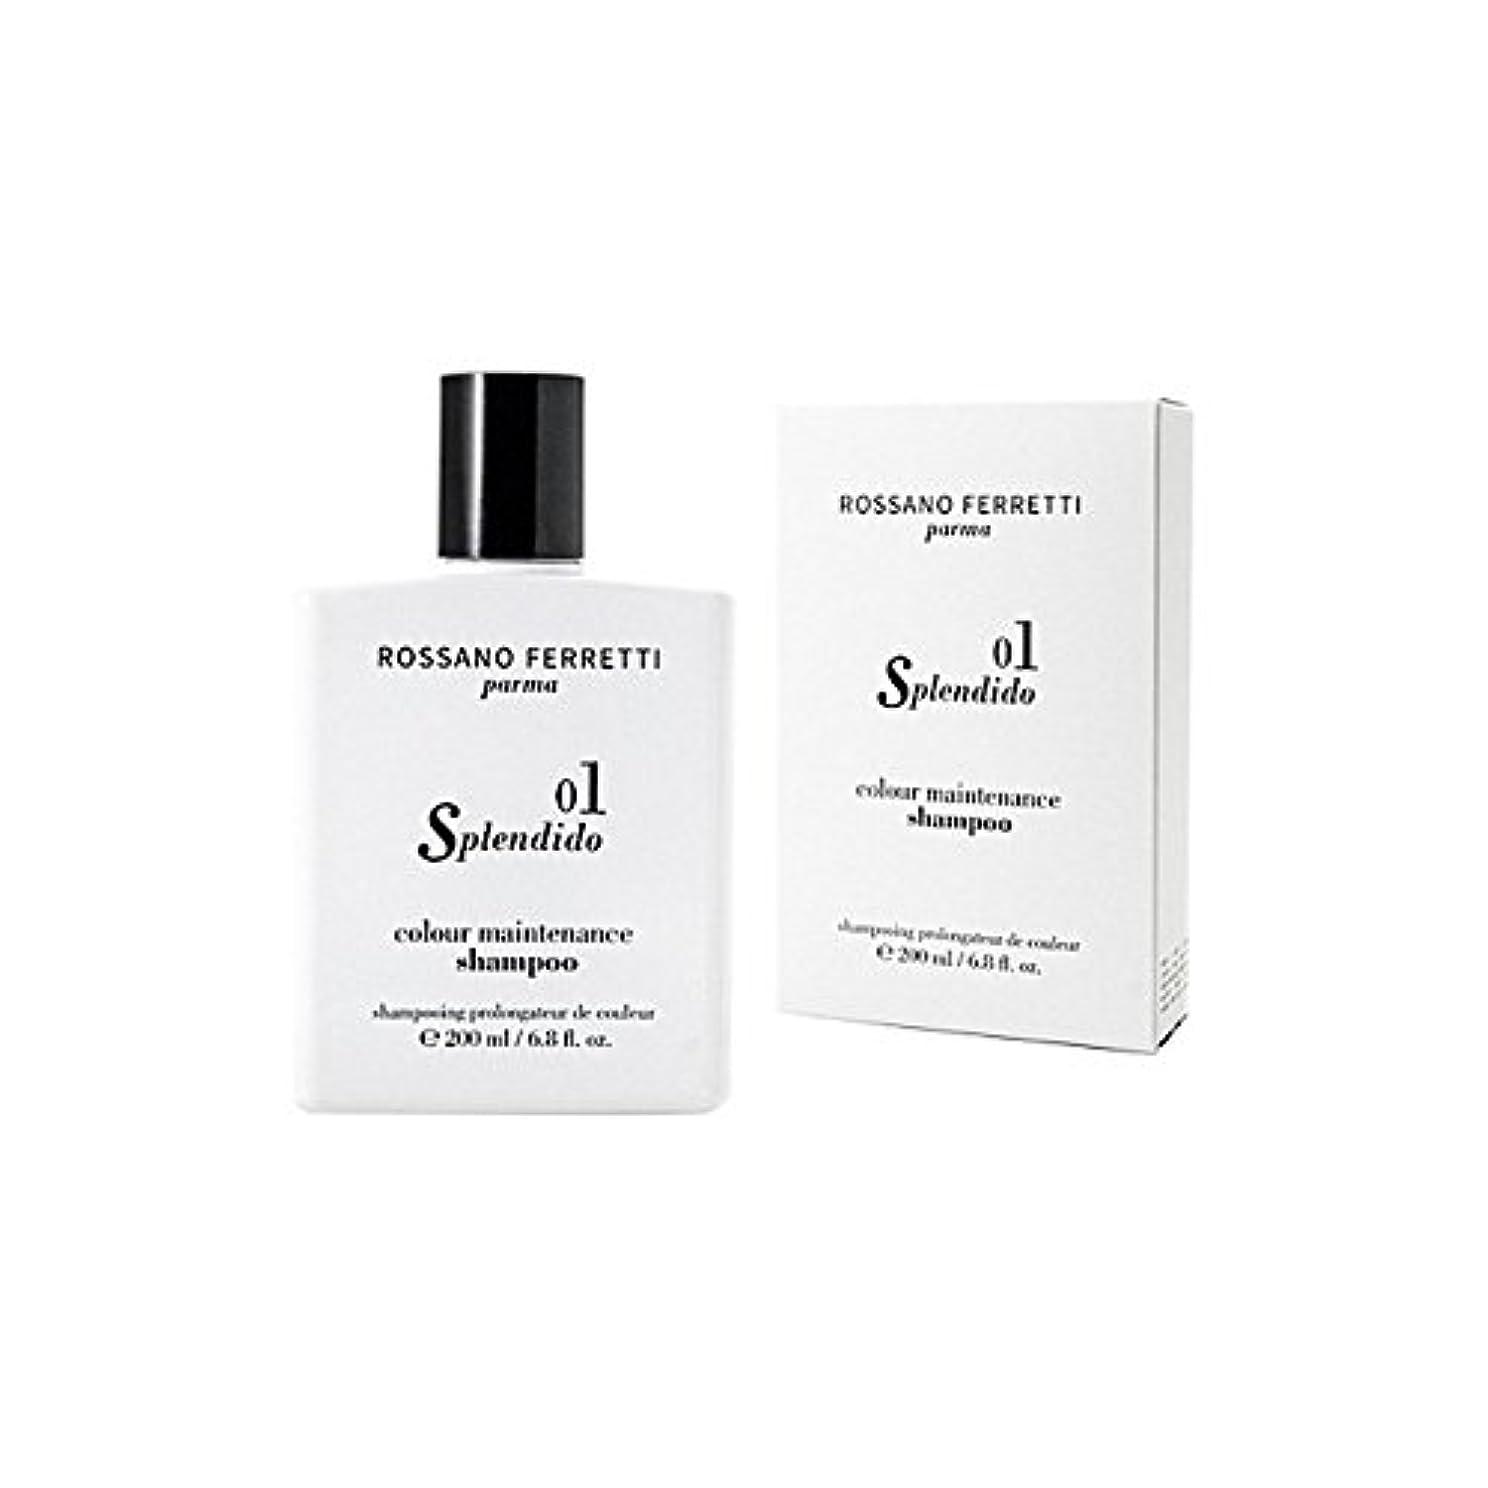 何でもグリップテラスRossano Ferretti Parma Splendido Colour Maintenance Shampoo 200ml (Pack of 6) - ロッサノフェレッティパルマスプレンディードカラーメンテナンスシャンプー200ミリリットル x6 [並行輸入品]